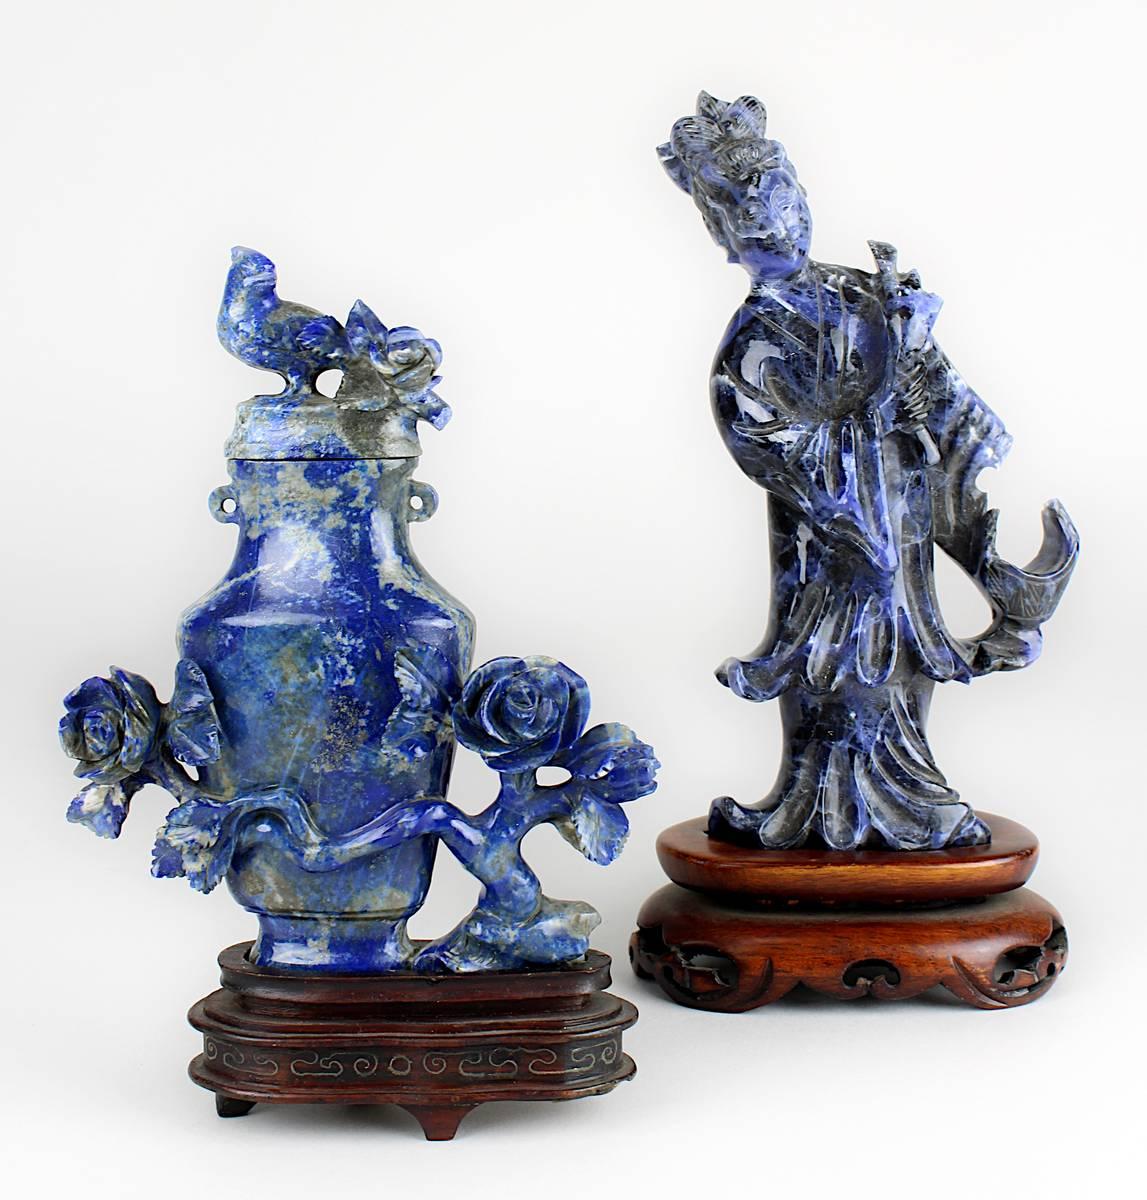 1-0034 - Chinesische Frauenfigur und Miniatur-Deckelvase aus Lapislazuli Image